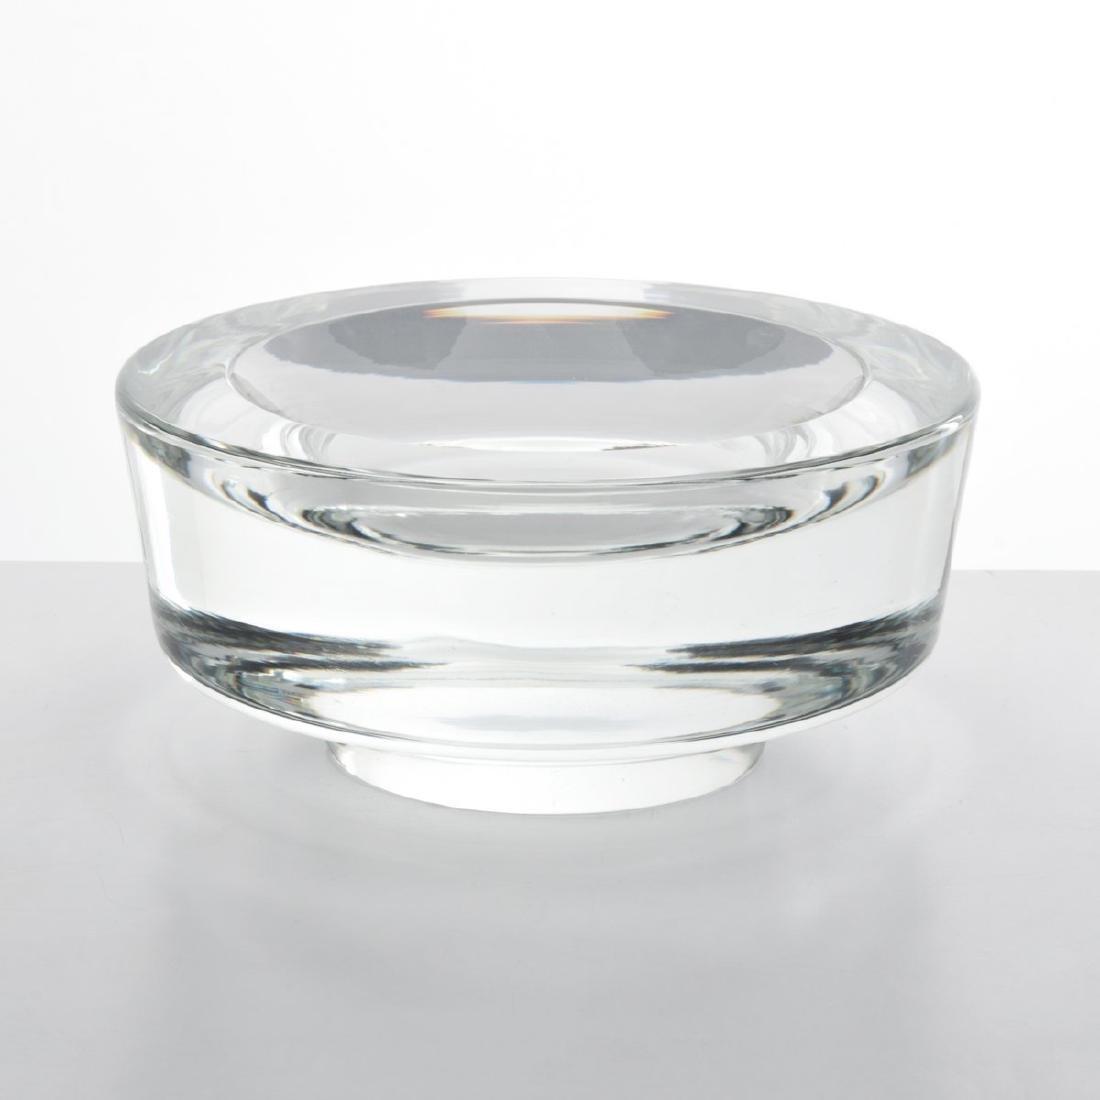 Large Karl Springer Bowl/Vessel